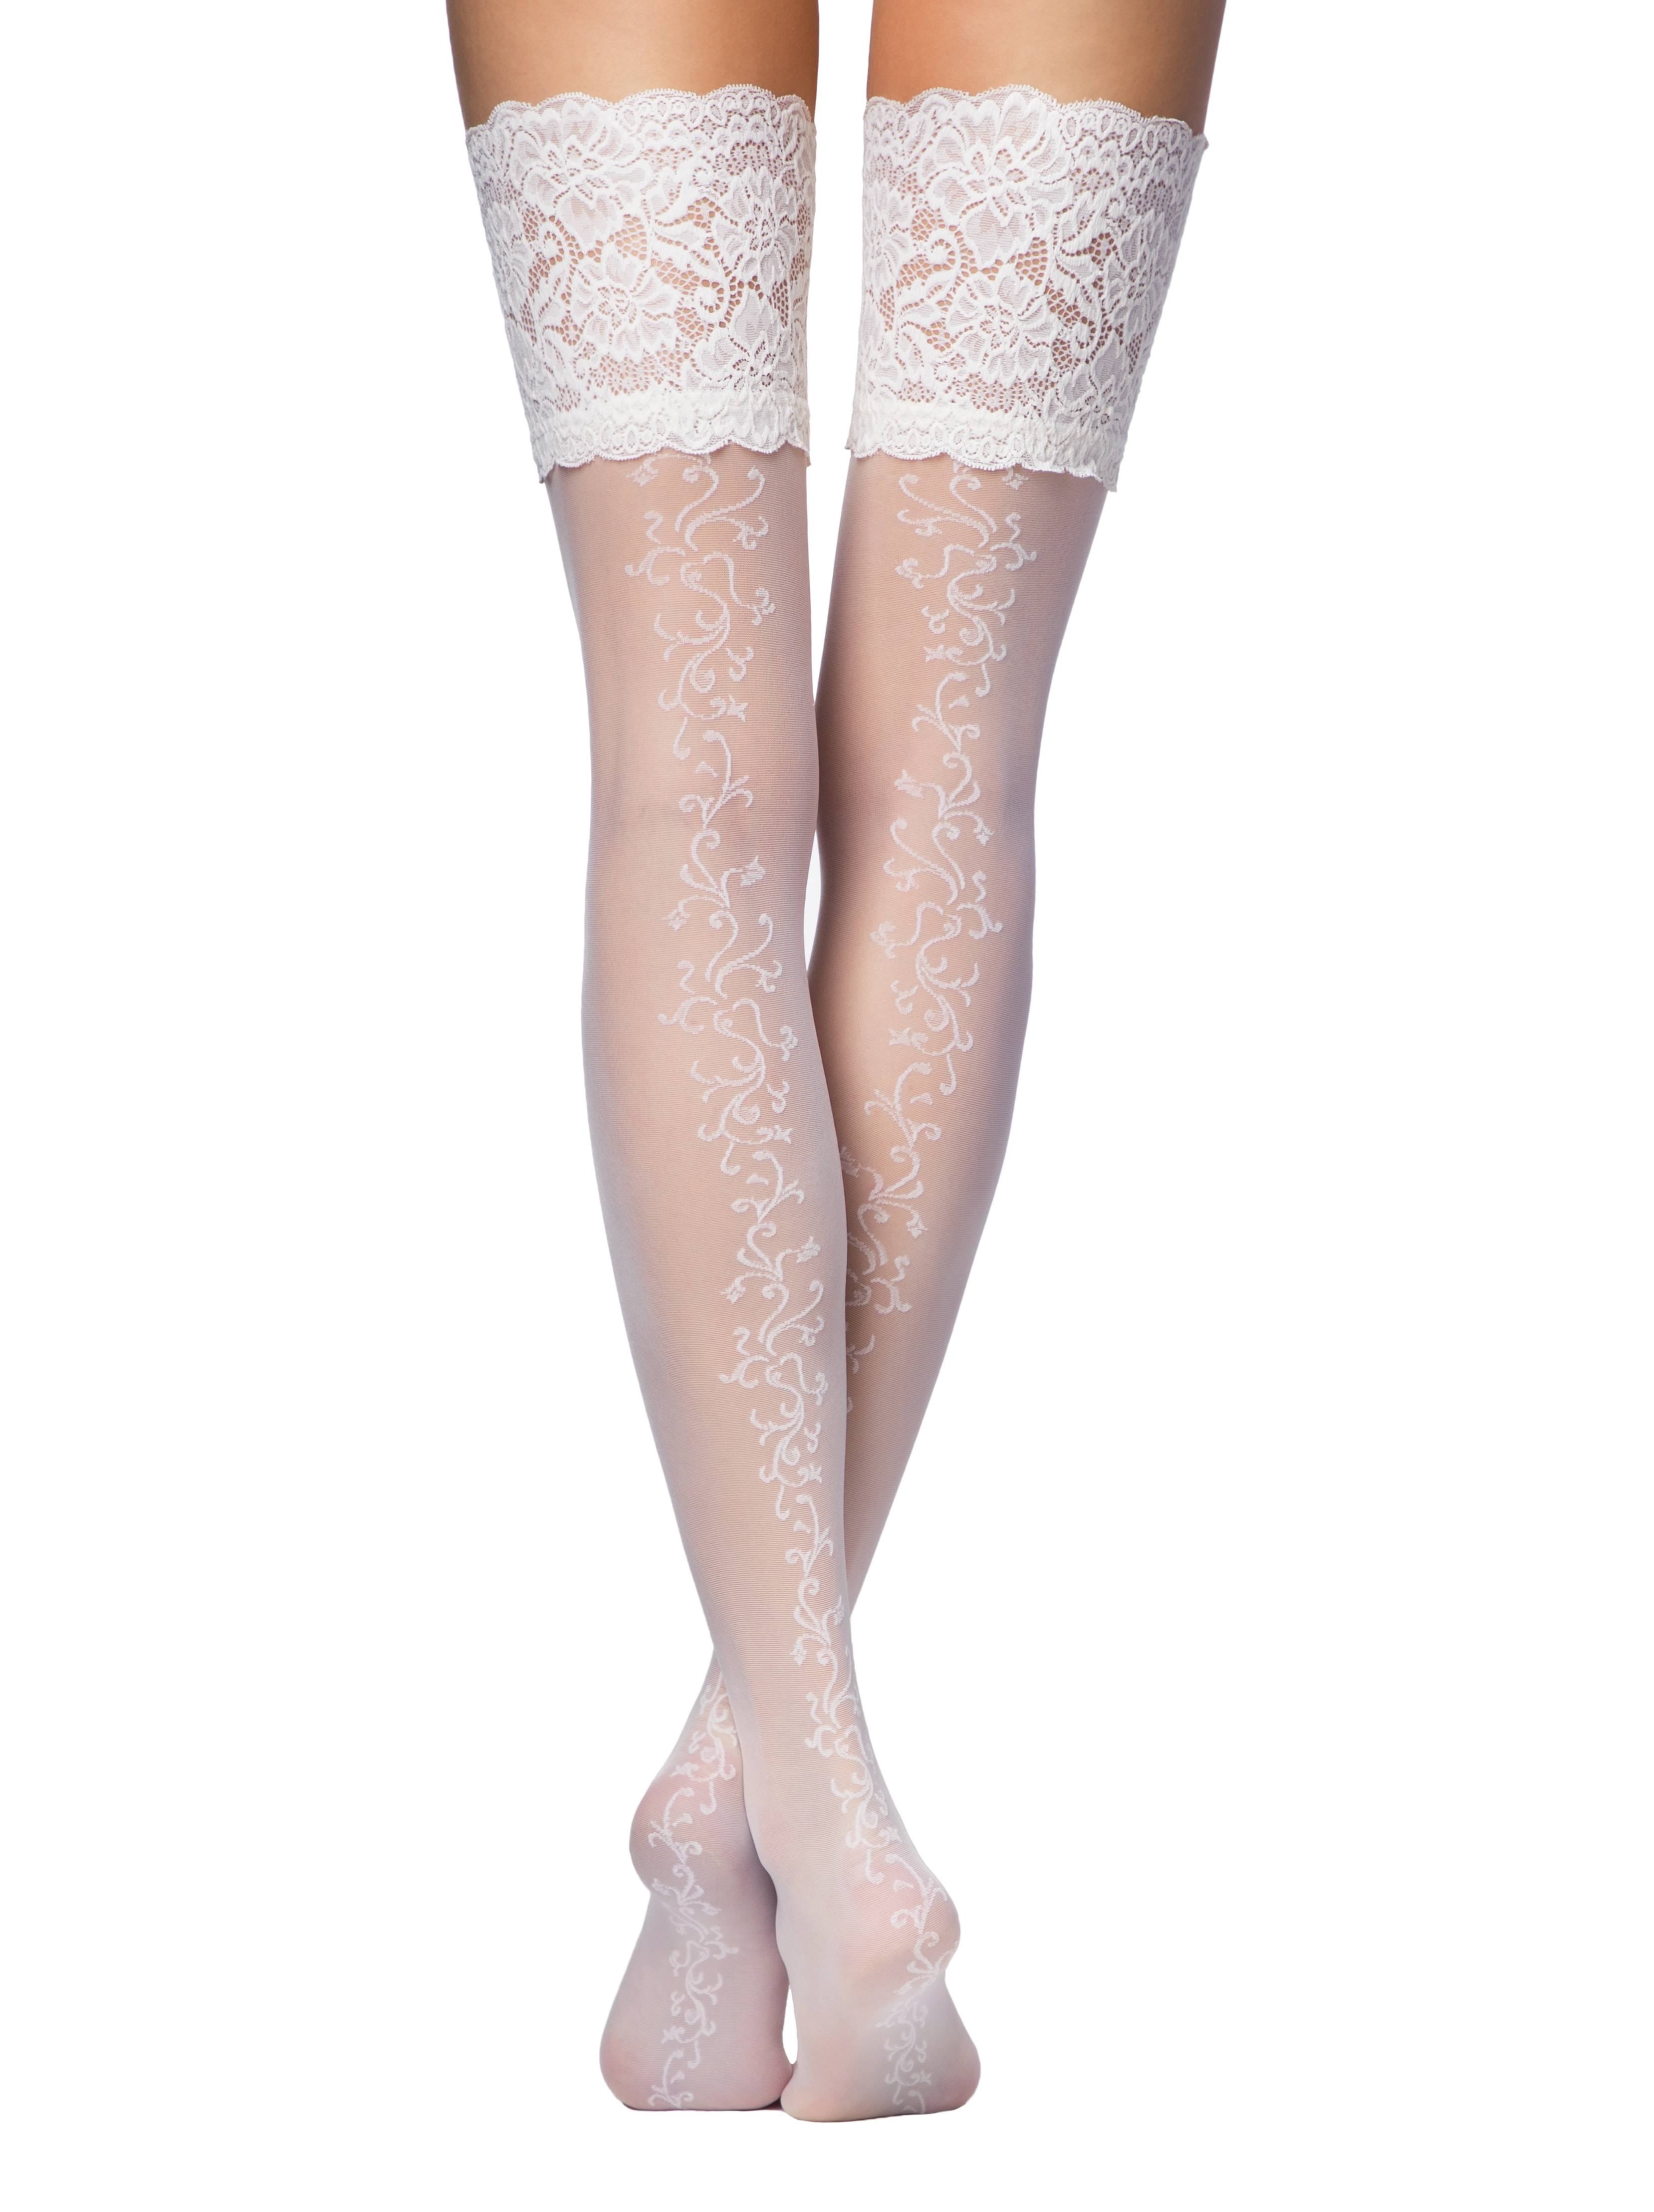 Чулки женские ⭐️ Свадебные чулки с широкой ажурной резинкой GLORY ⭐️